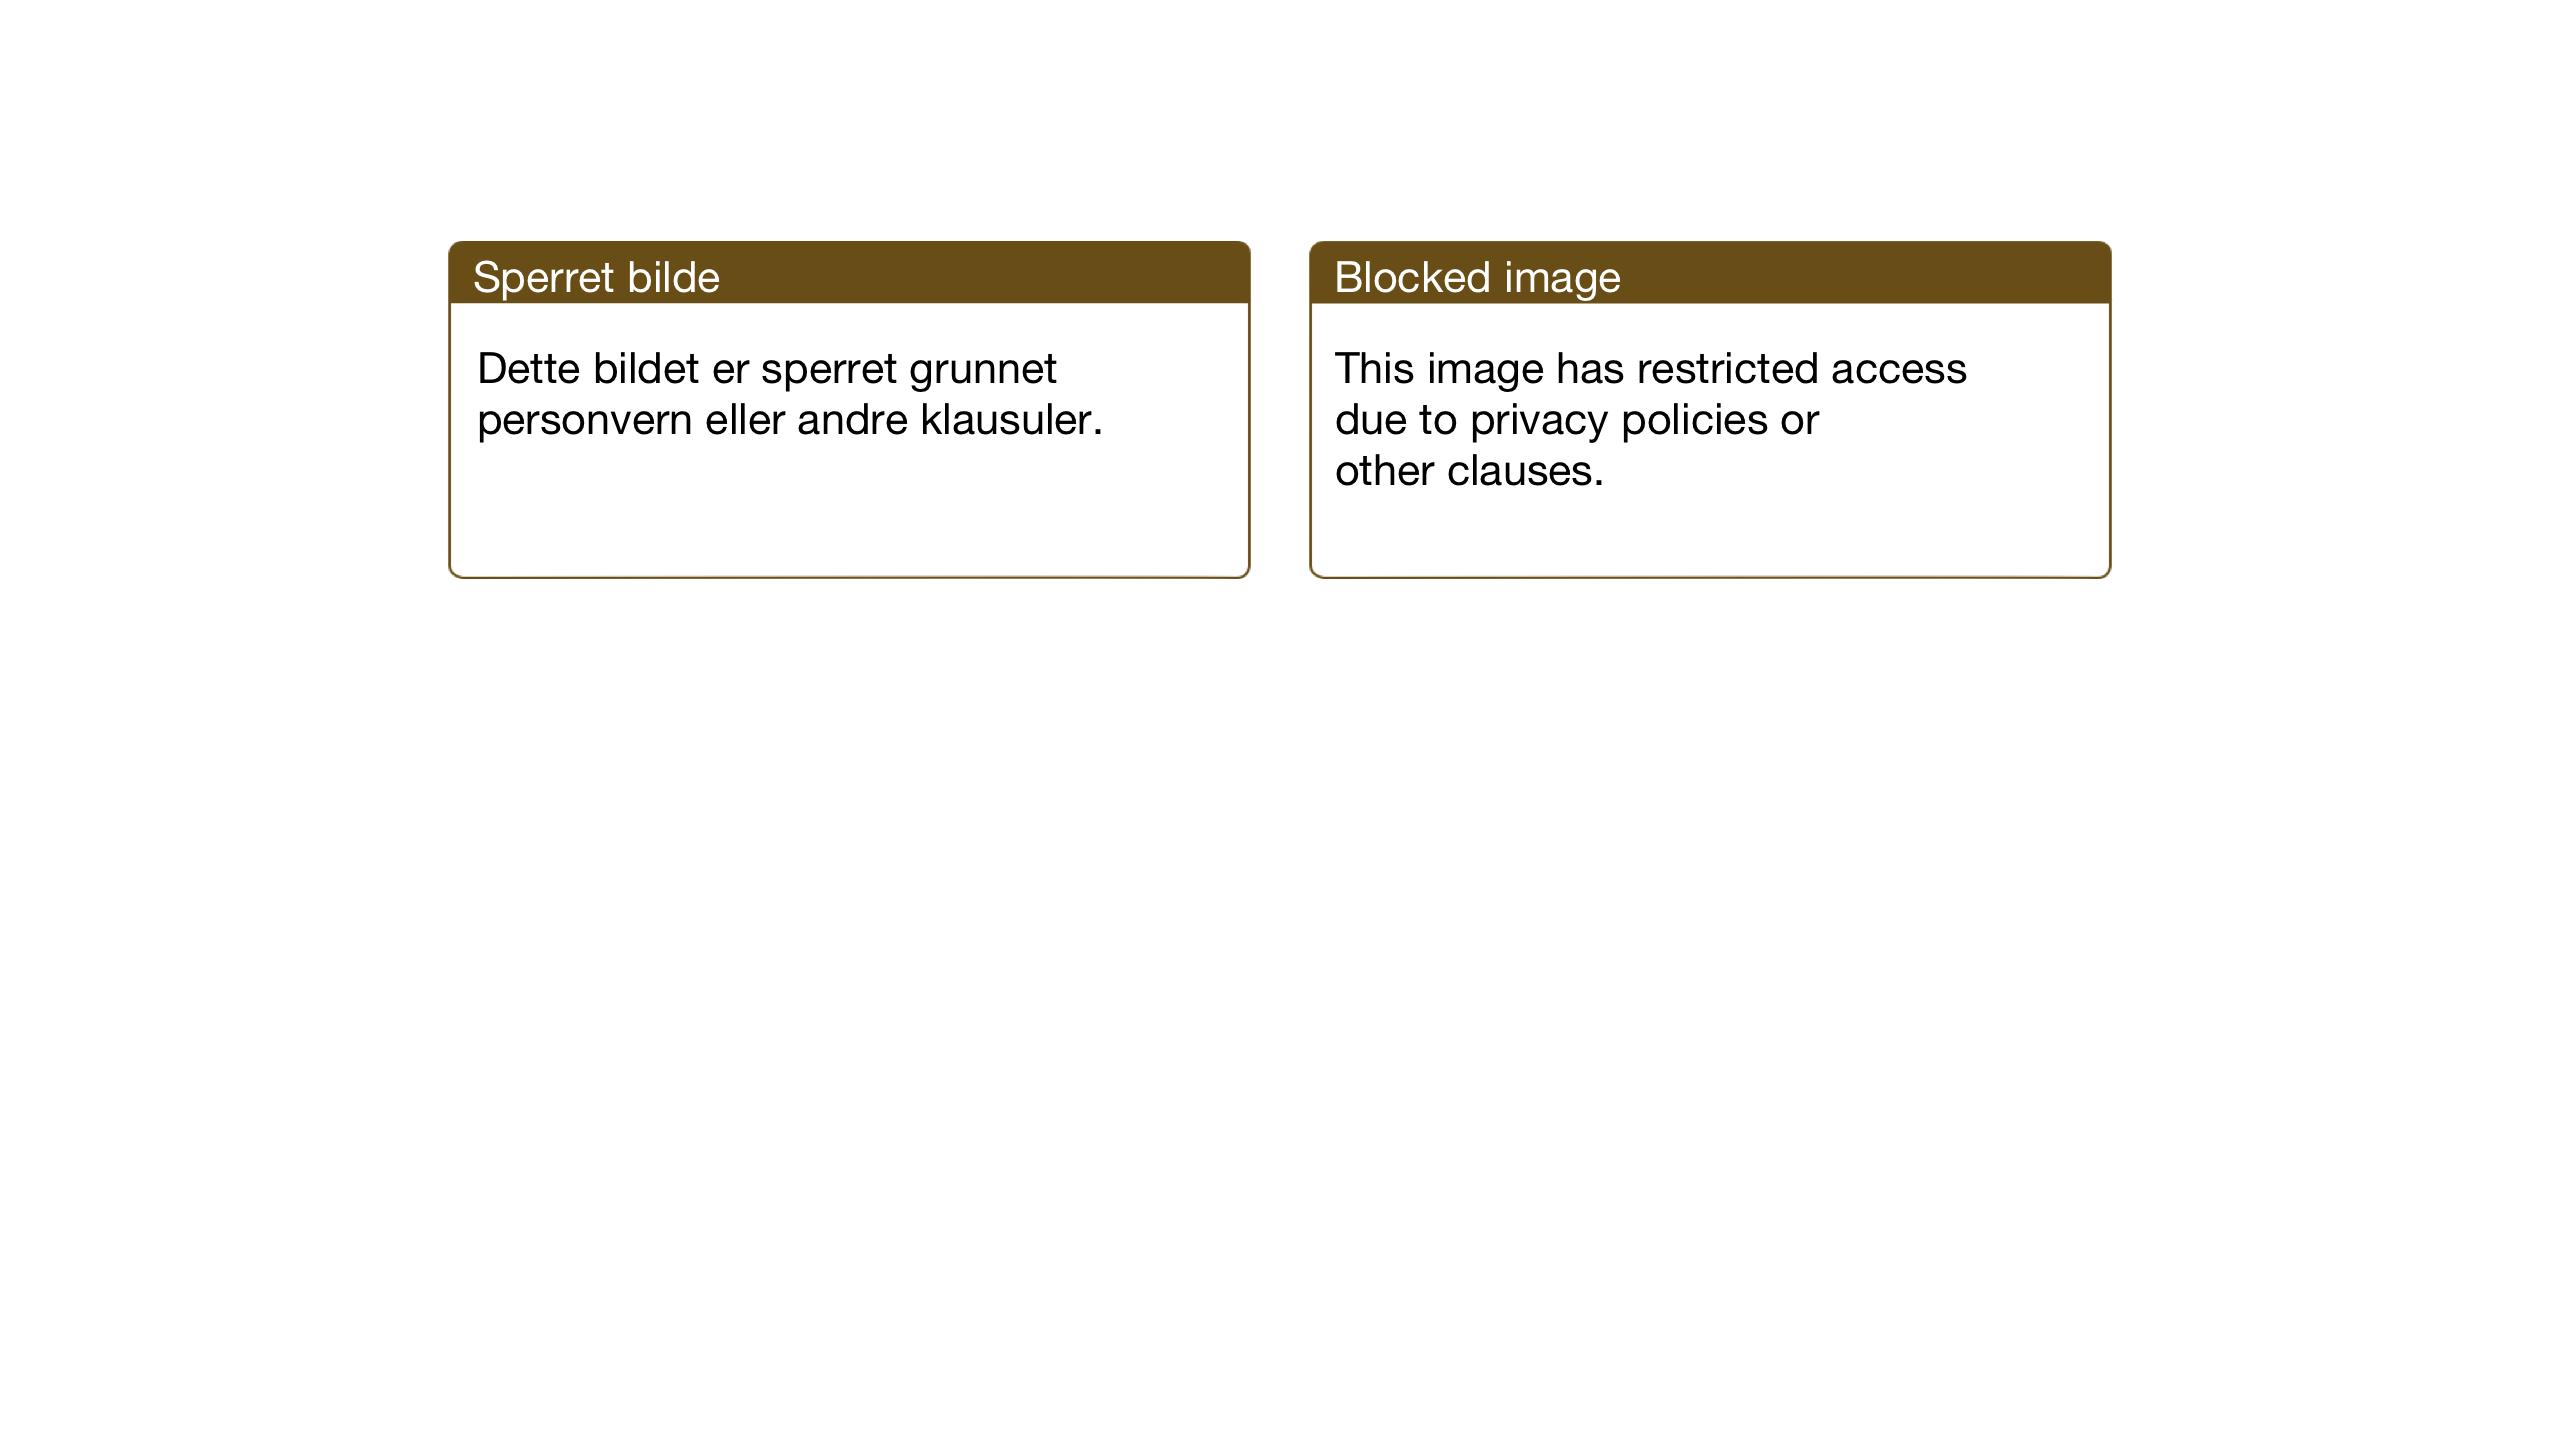 SAT, Ministerialprotokoller, klokkerbøker og fødselsregistre - Nord-Trøndelag, 730/L0303: Klokkerbok nr. 730C06, 1924-1933, s. 38